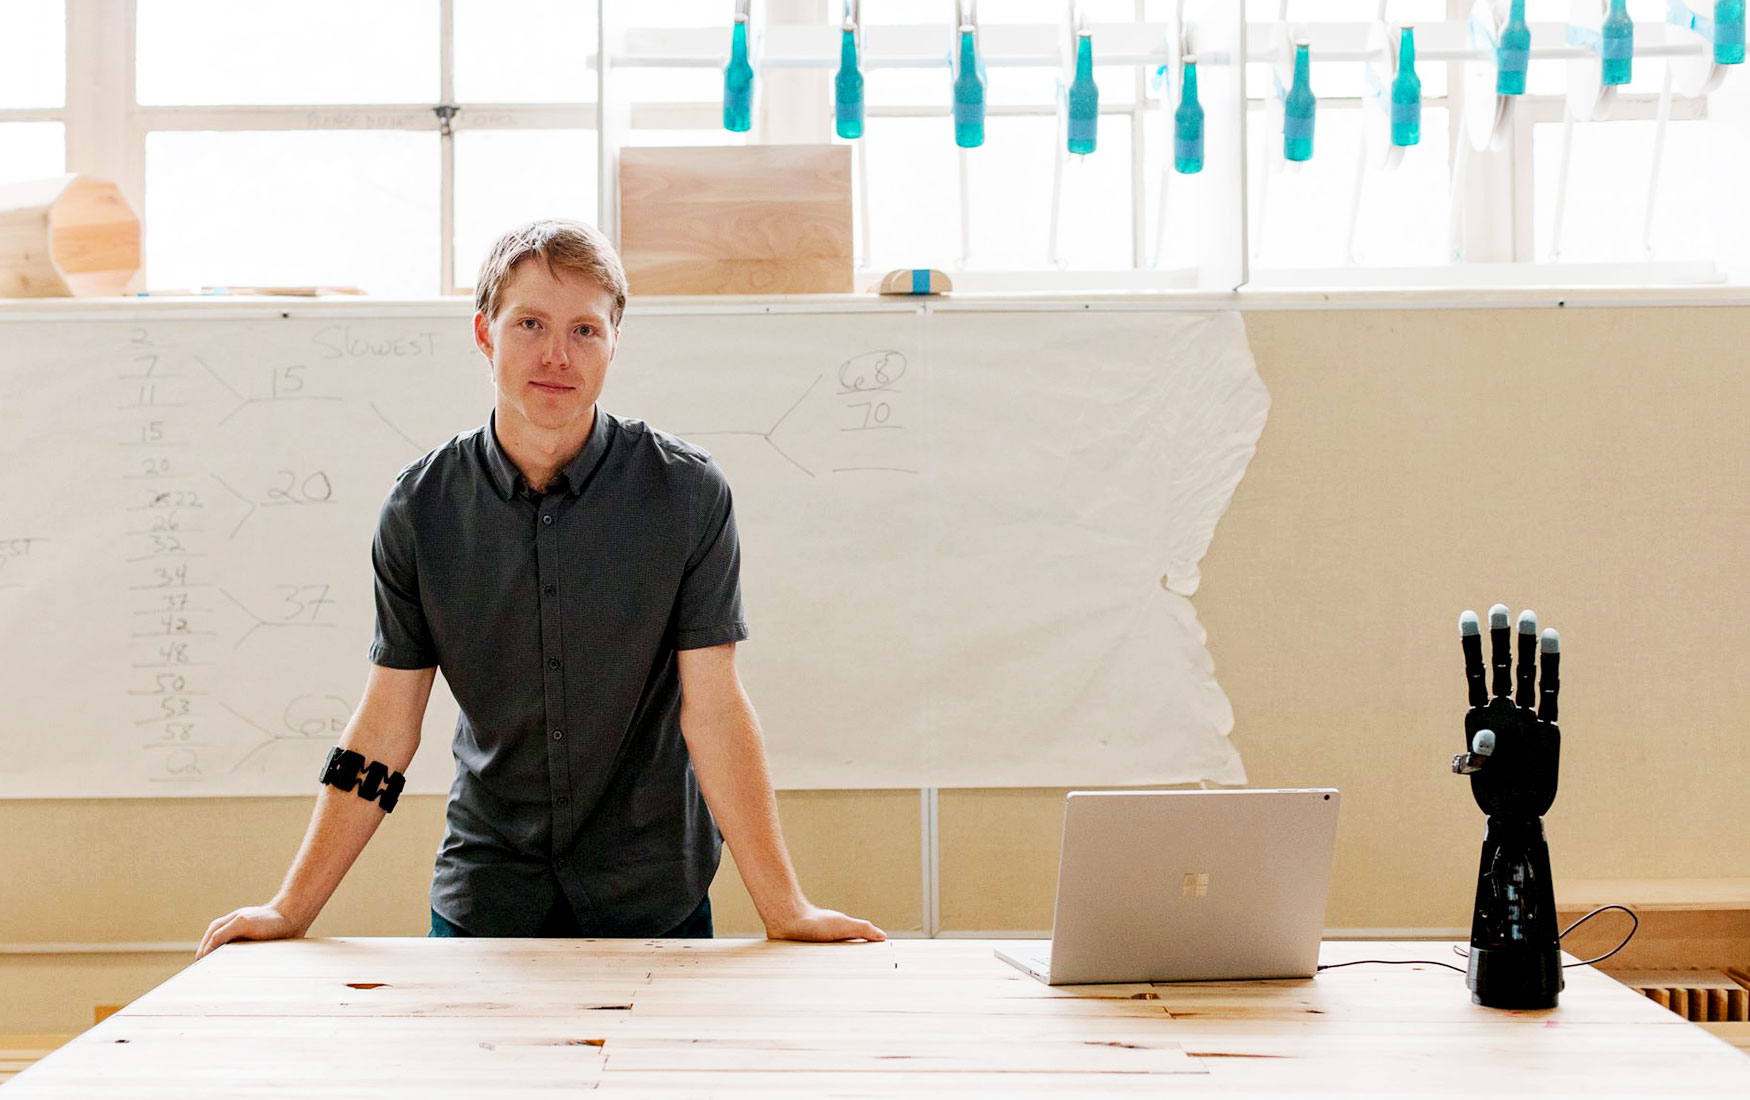 Золотые руки: американец придумал, как делать уникальные протезы на 3D-принтерах